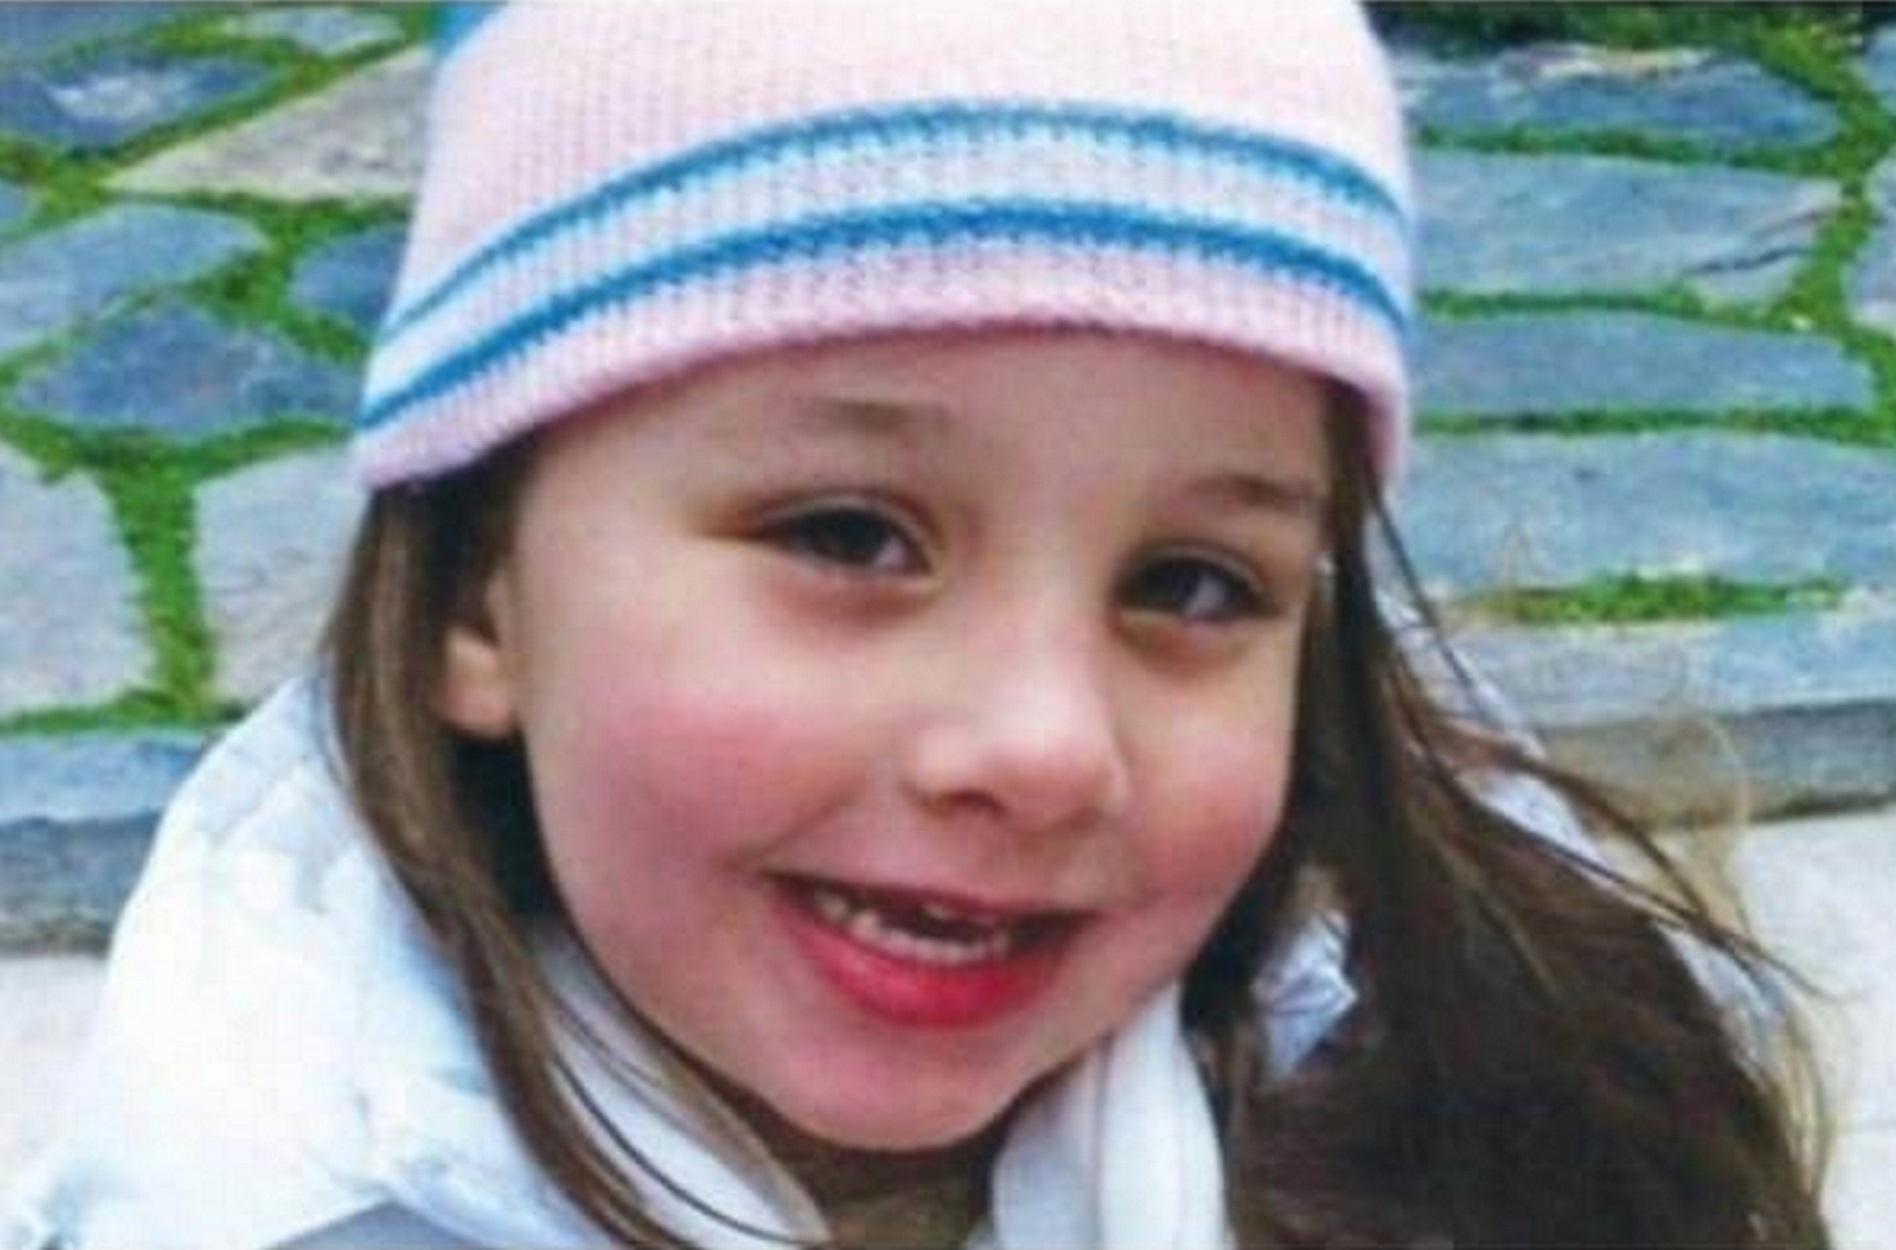 Αναβολή στη δίκη για το θάνατο της 4χρονης Μελίνας λόγω οσφυαλγίας της κατηγορουμένης